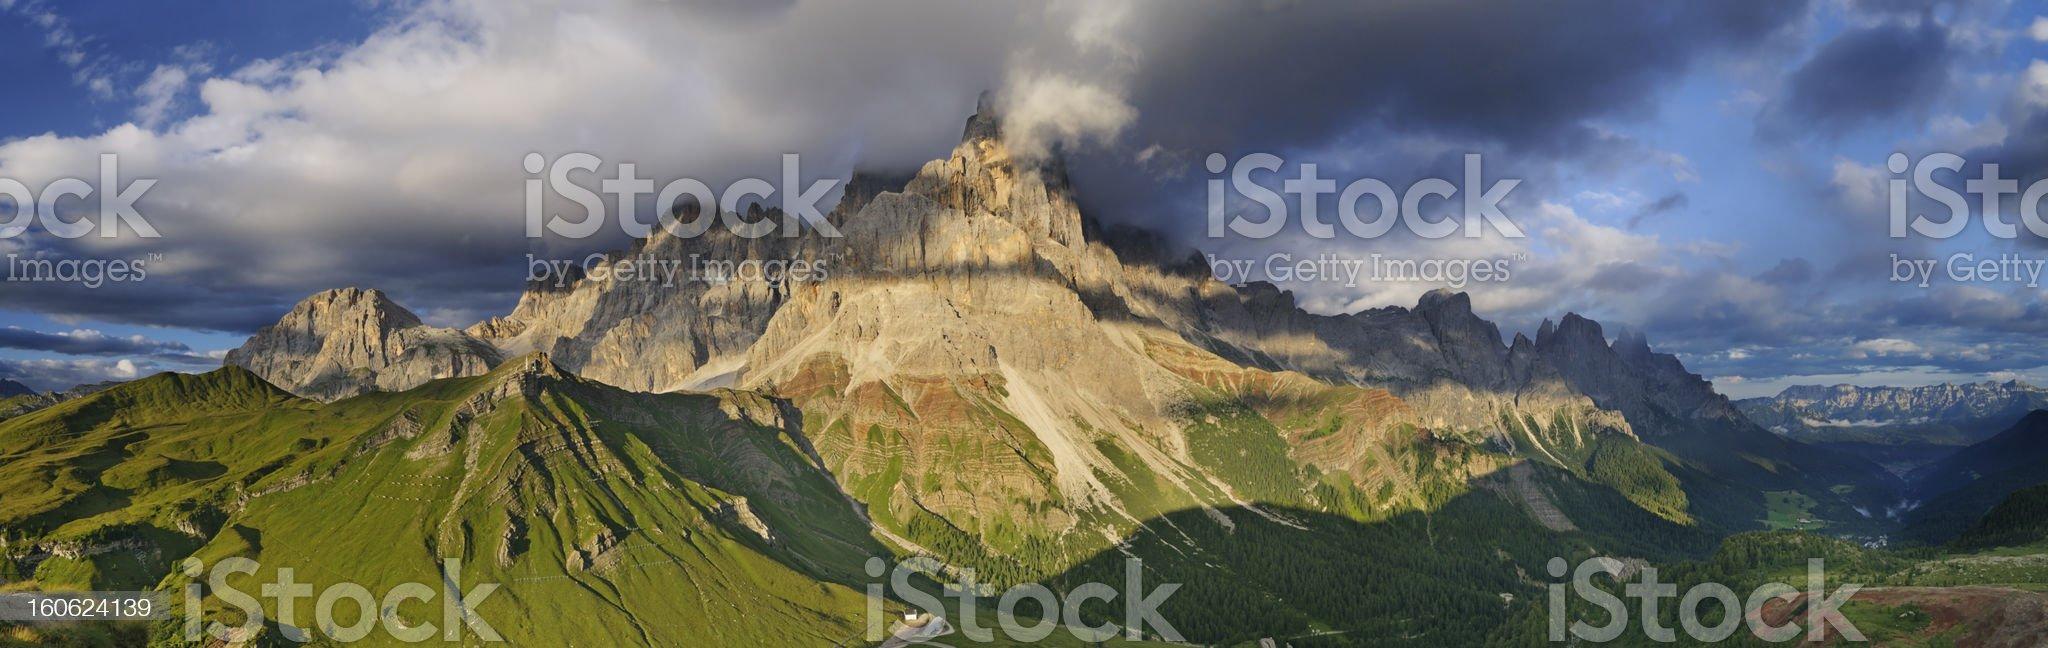 Paesaggio Montano (Pale di San Martino - Dolomiti, Italia) royalty-free stock photo